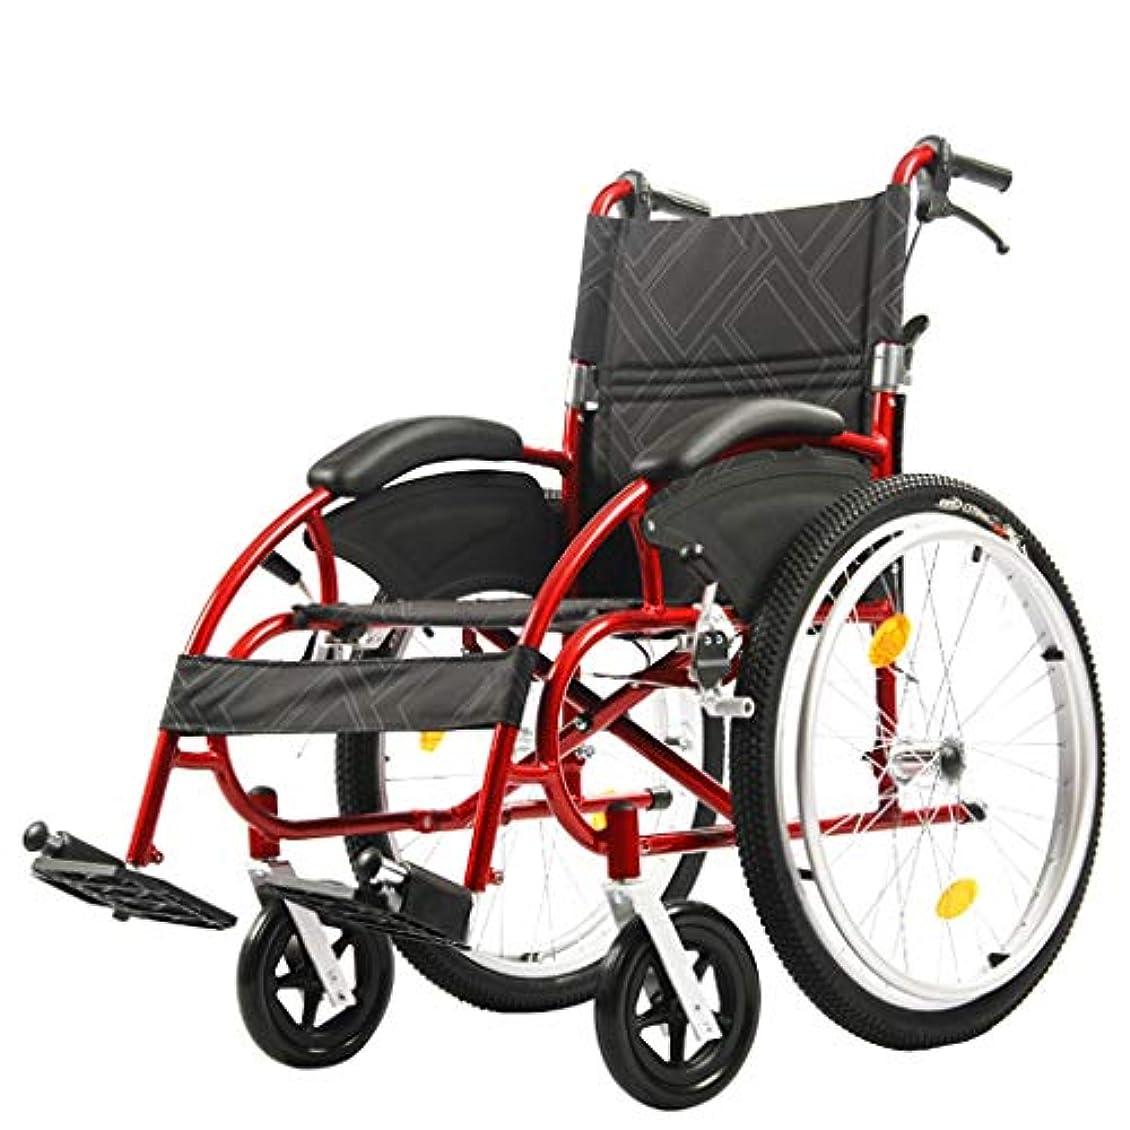 ベルトギャロップ力学折りたたみ車椅子、高齢者障害者用トロリー、高齢者に適した、屋外旅行、レジャー車椅子